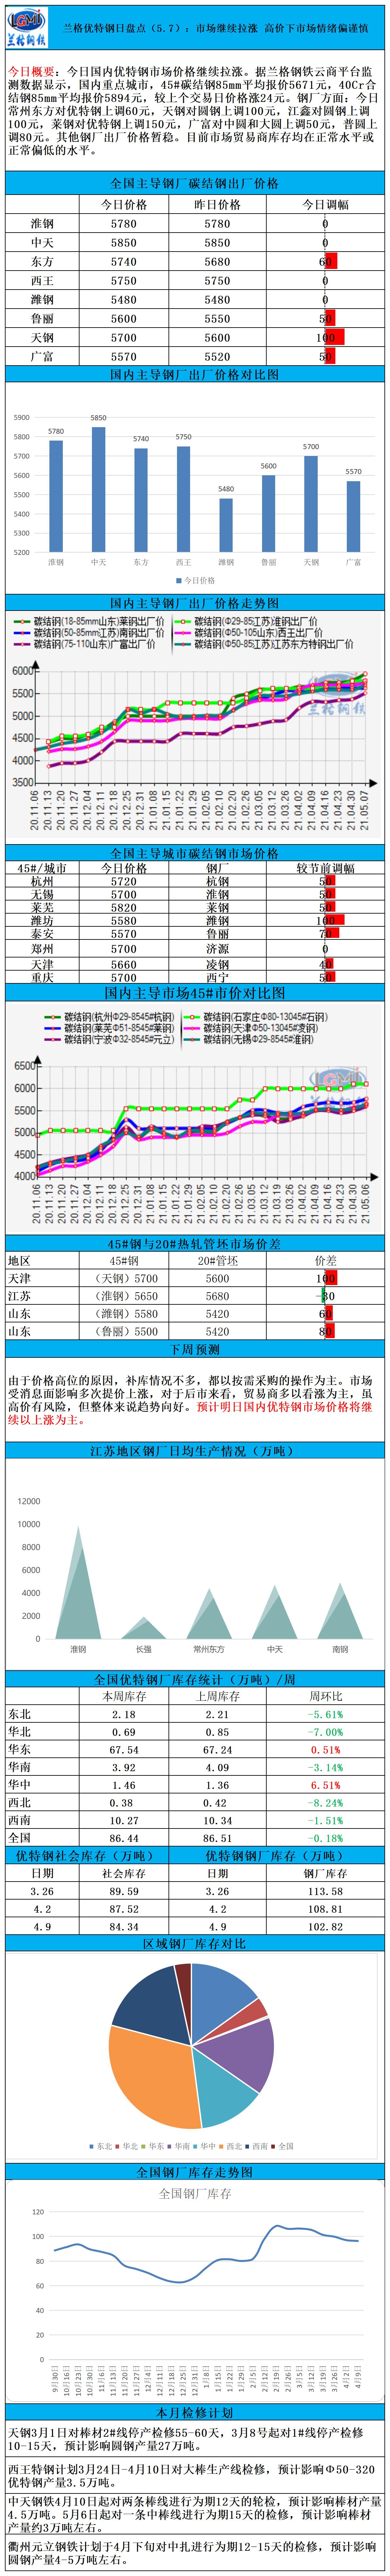 兰格优特钢日盘点(5.7):市场继续拉涨 高价下市场情绪谨慎